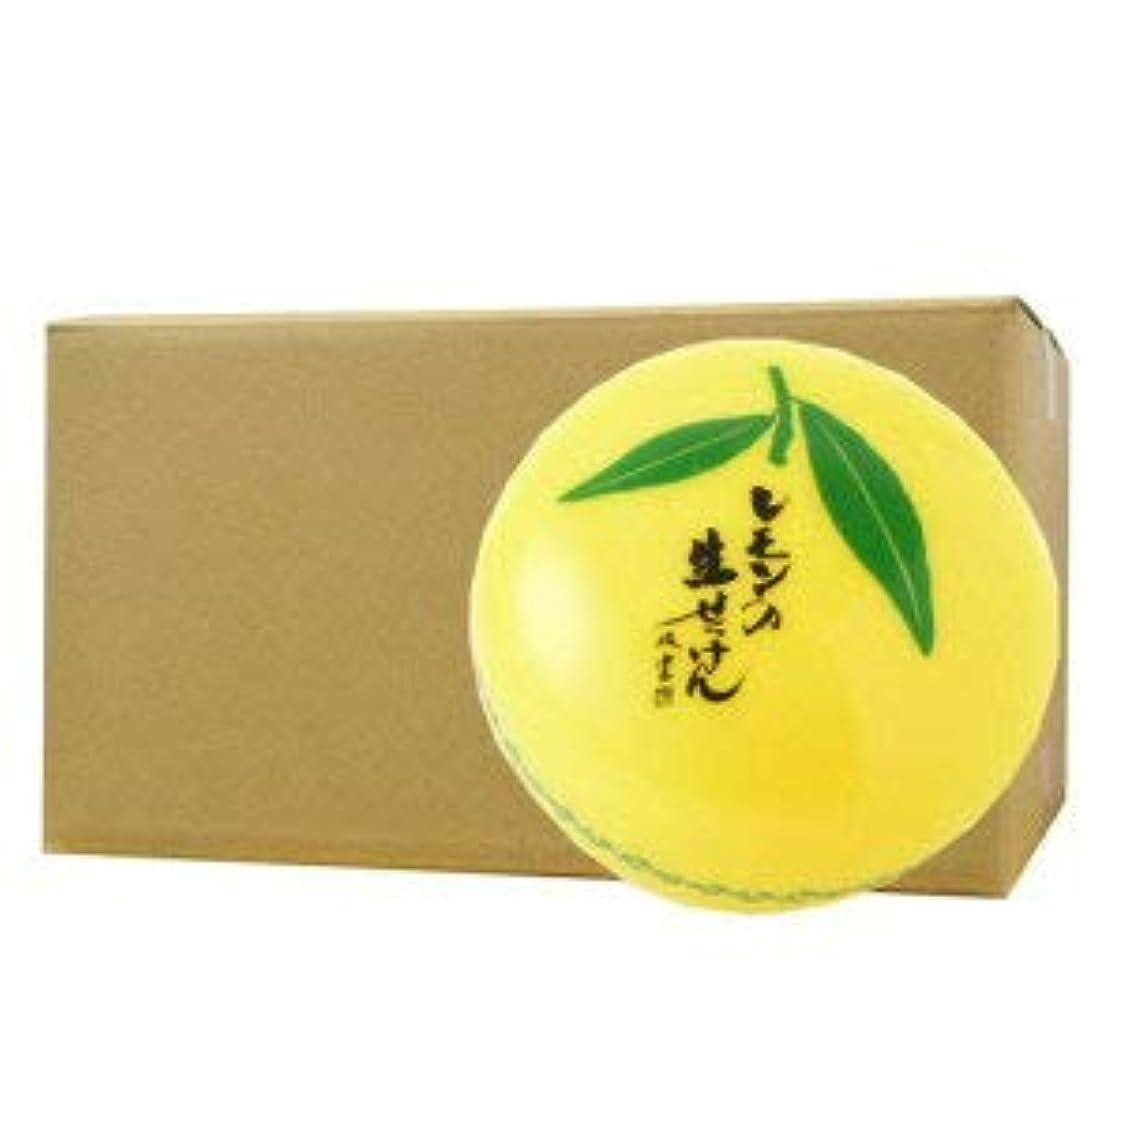 ダイヤモンド雄弁家潜むUYEKI美香柑レモンの生せっけん50g×72個セット